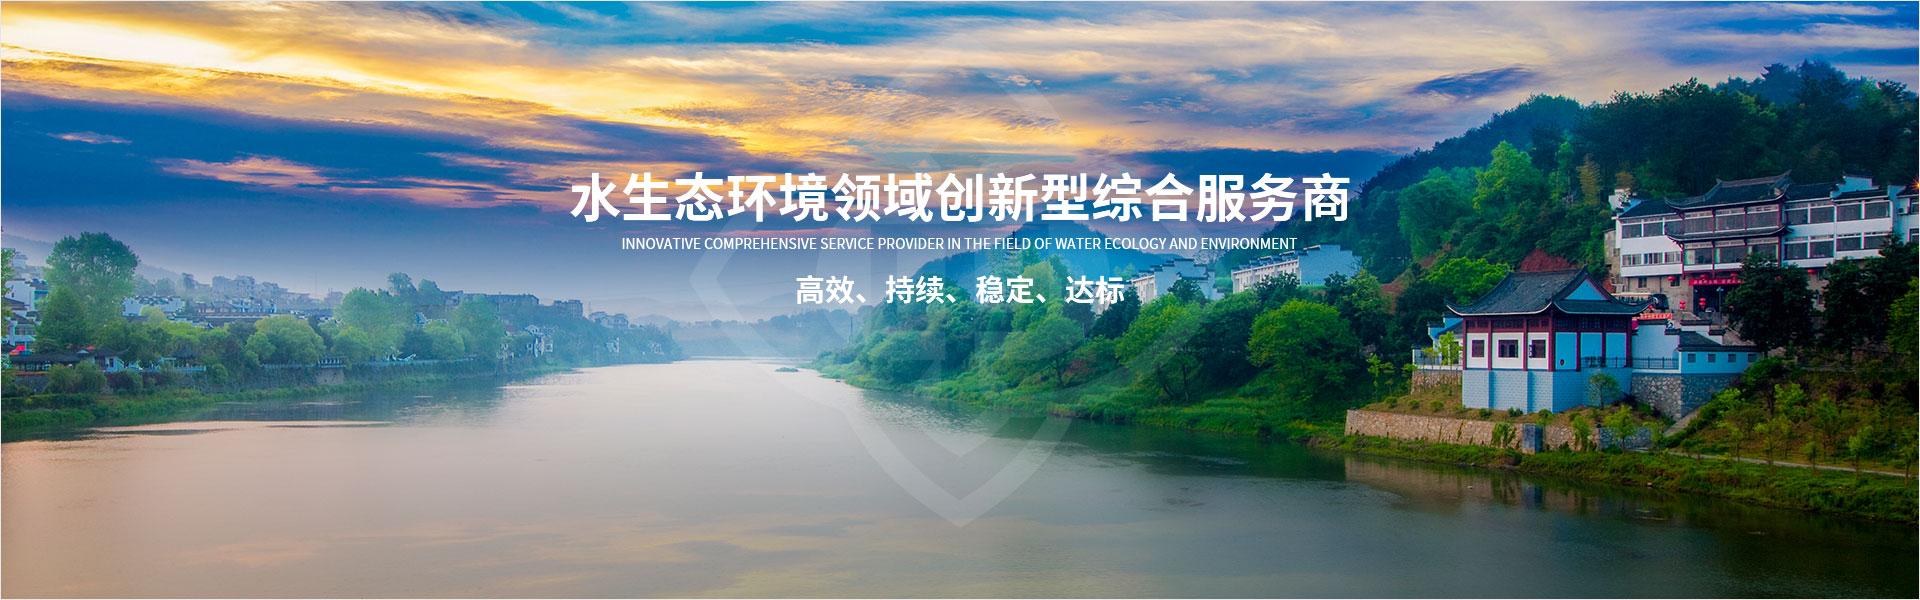 河南中洁环保工程有限公司